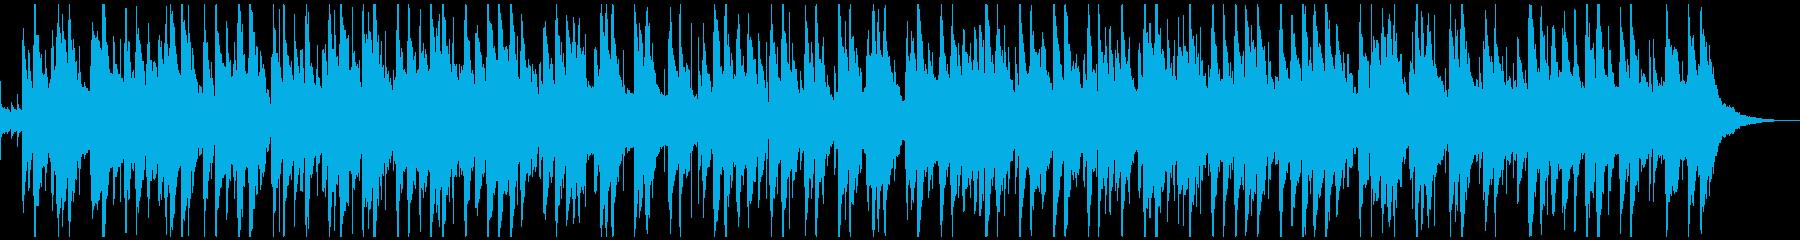 生演奏・クリスマス定番曲ジャズアレンジの再生済みの波形